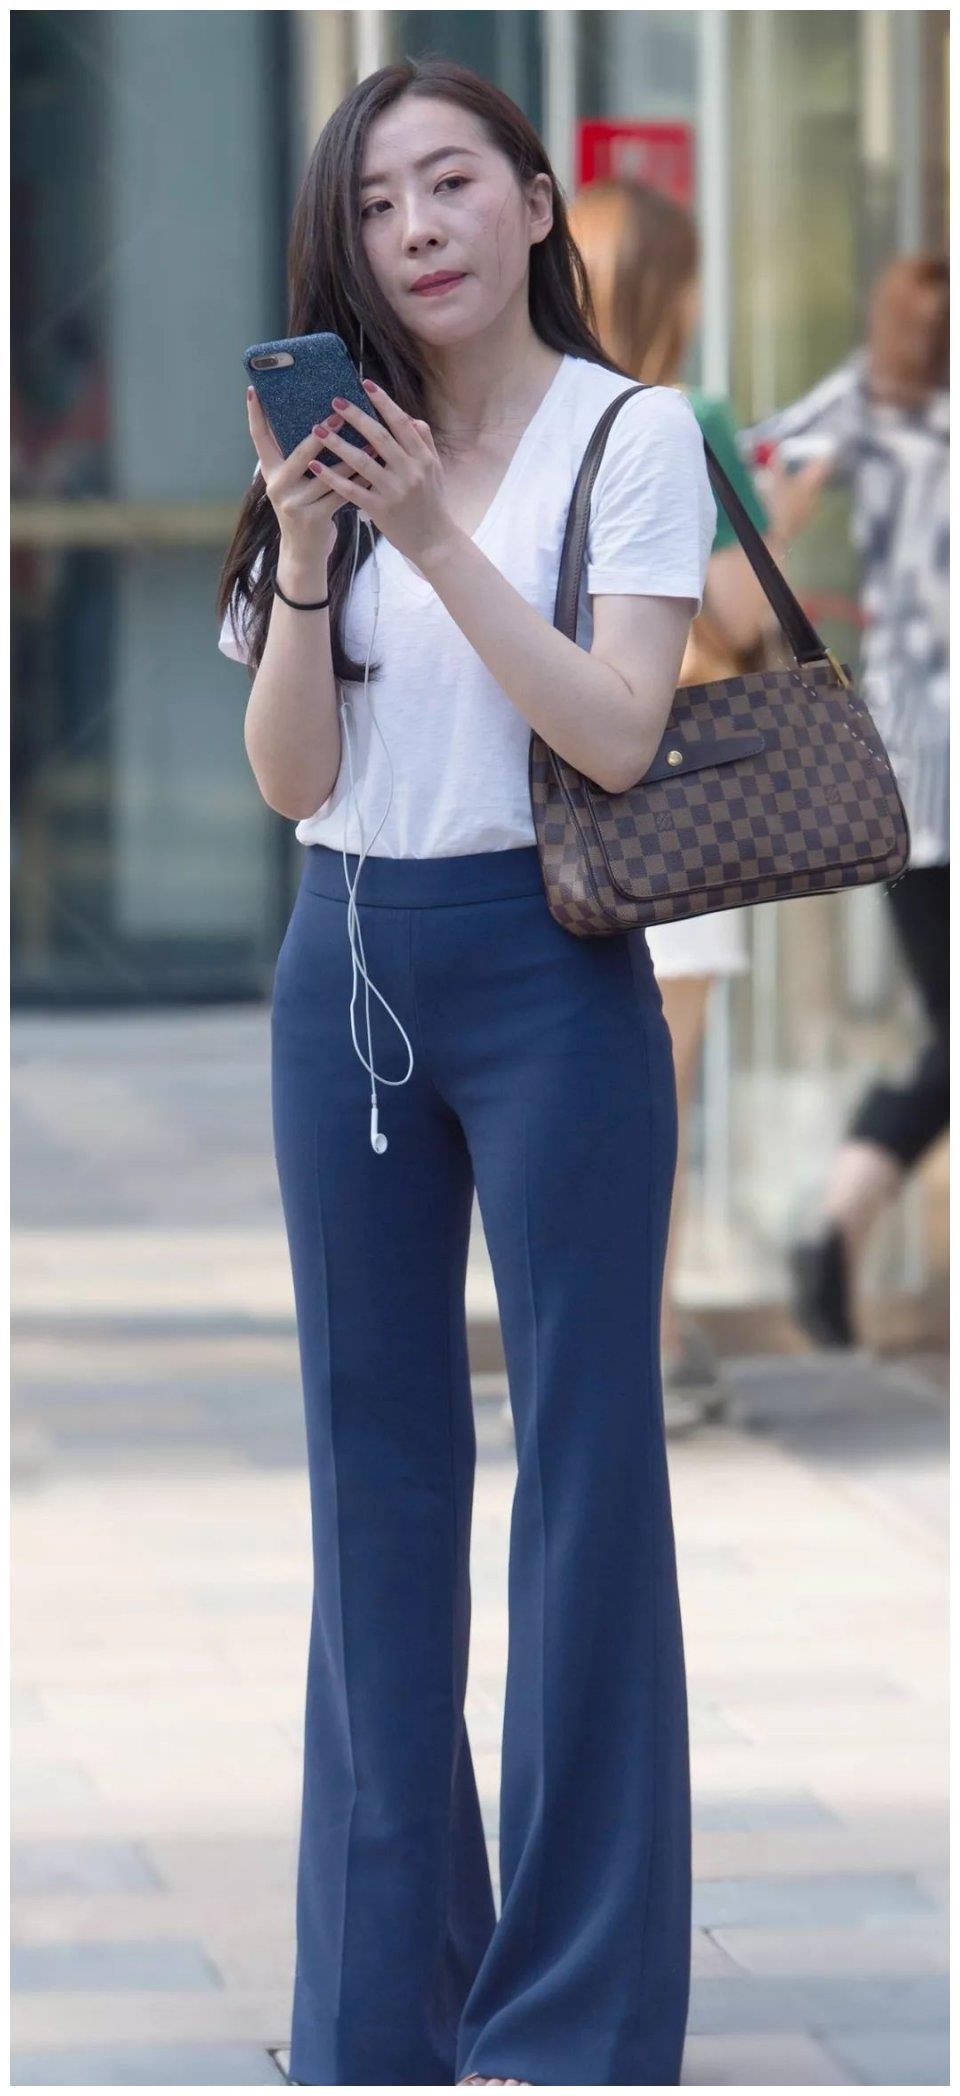 时尚穿搭,女装配上喇叭裤,得多费几尺布